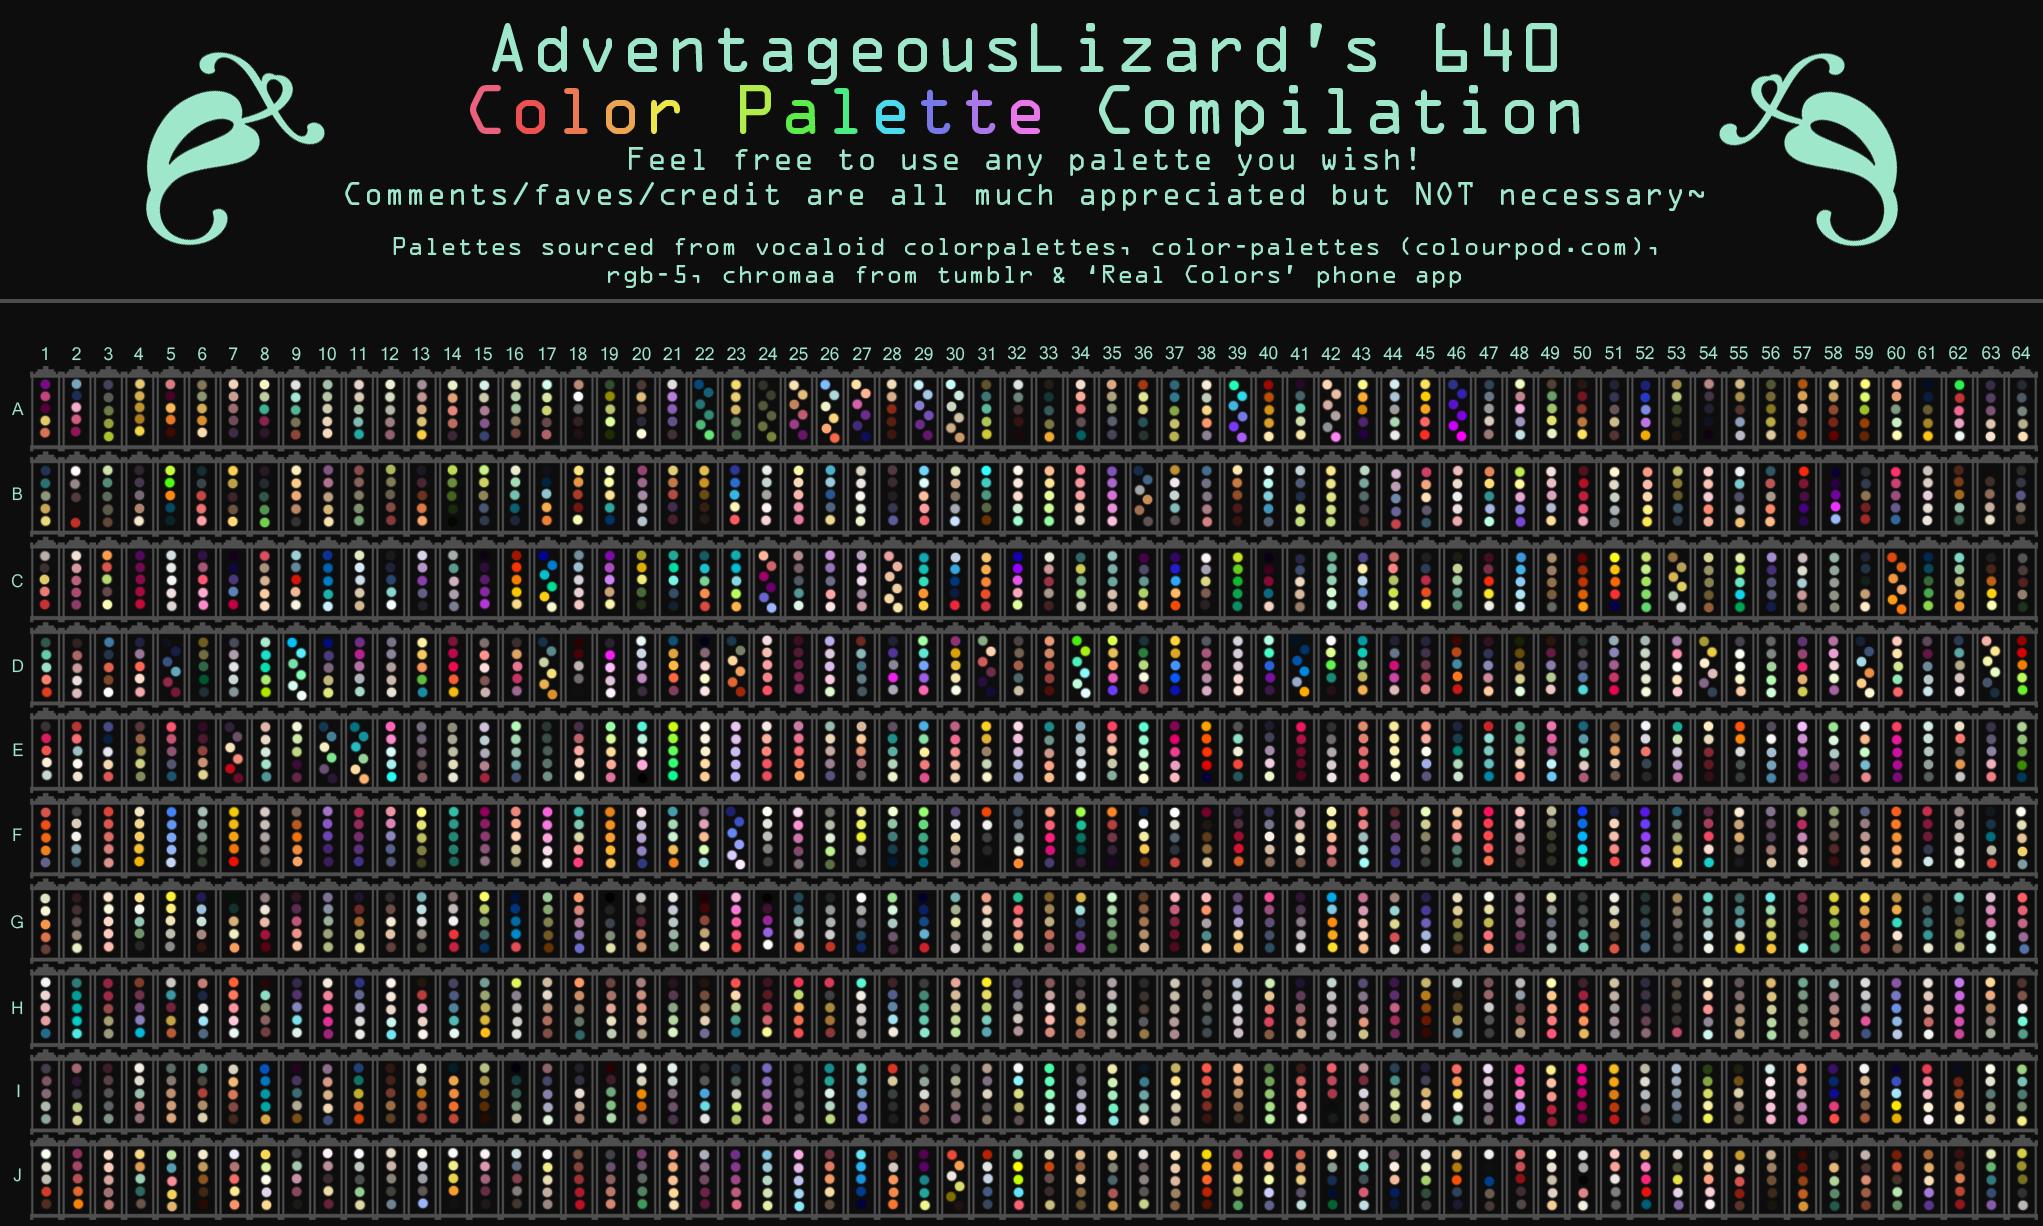 Adventageouslizard S 640 Color Palette Compilation By